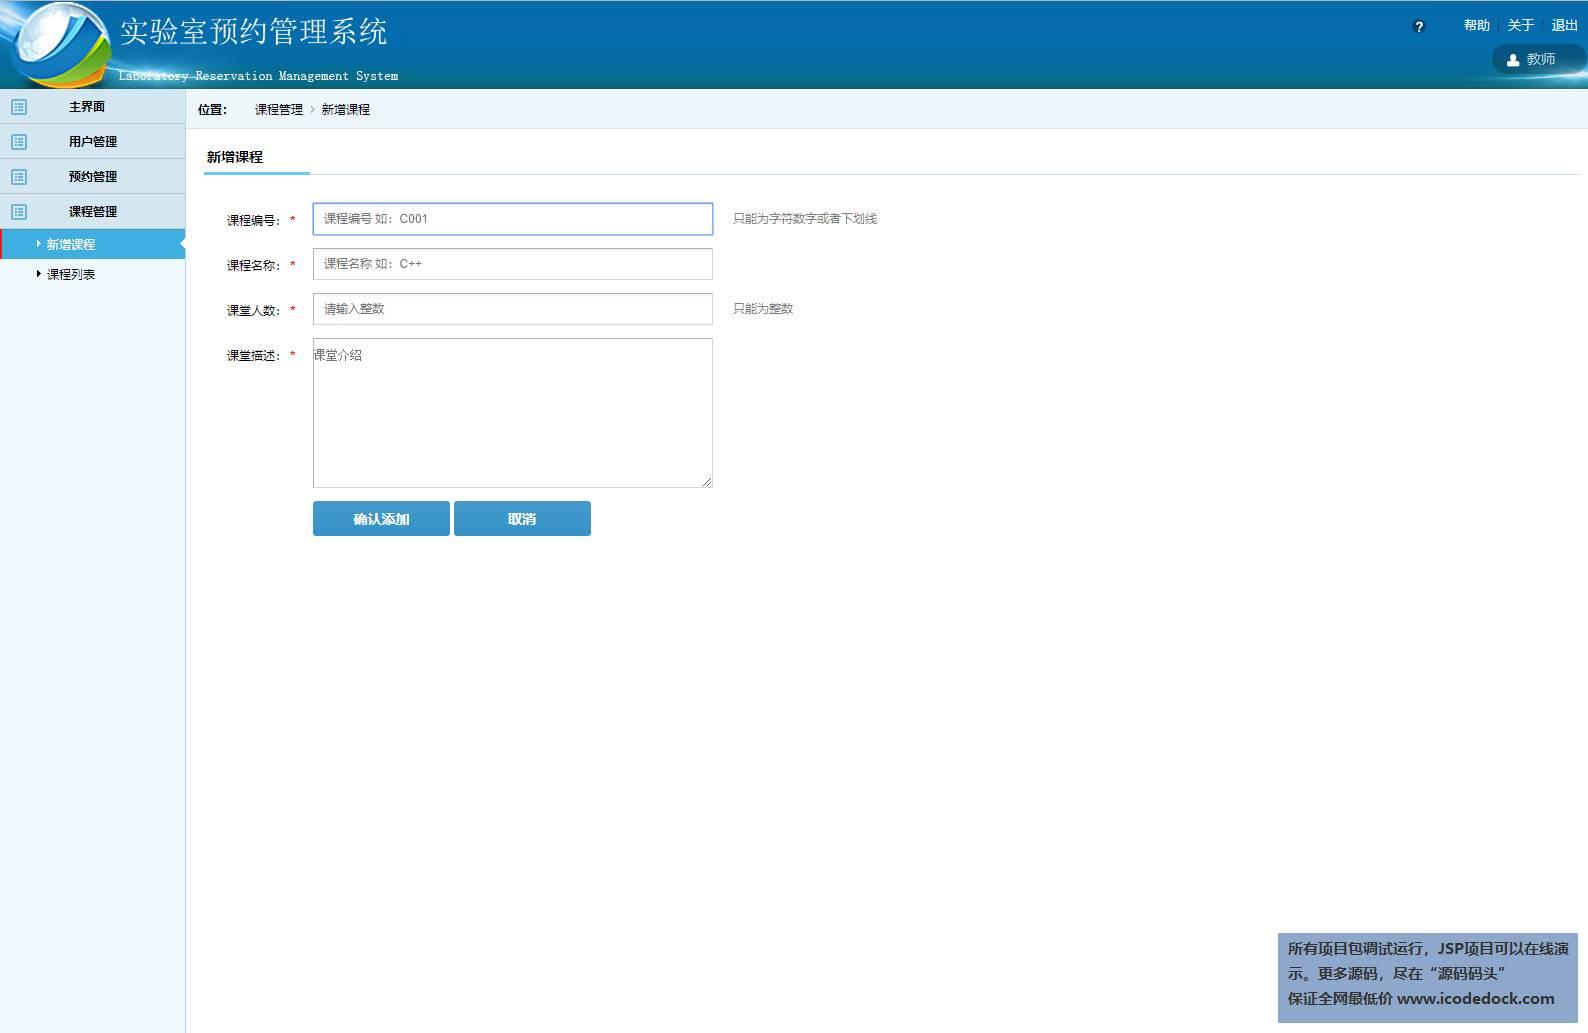 源码码头-SSH实验室预约管理系统-教室角色-课程管理